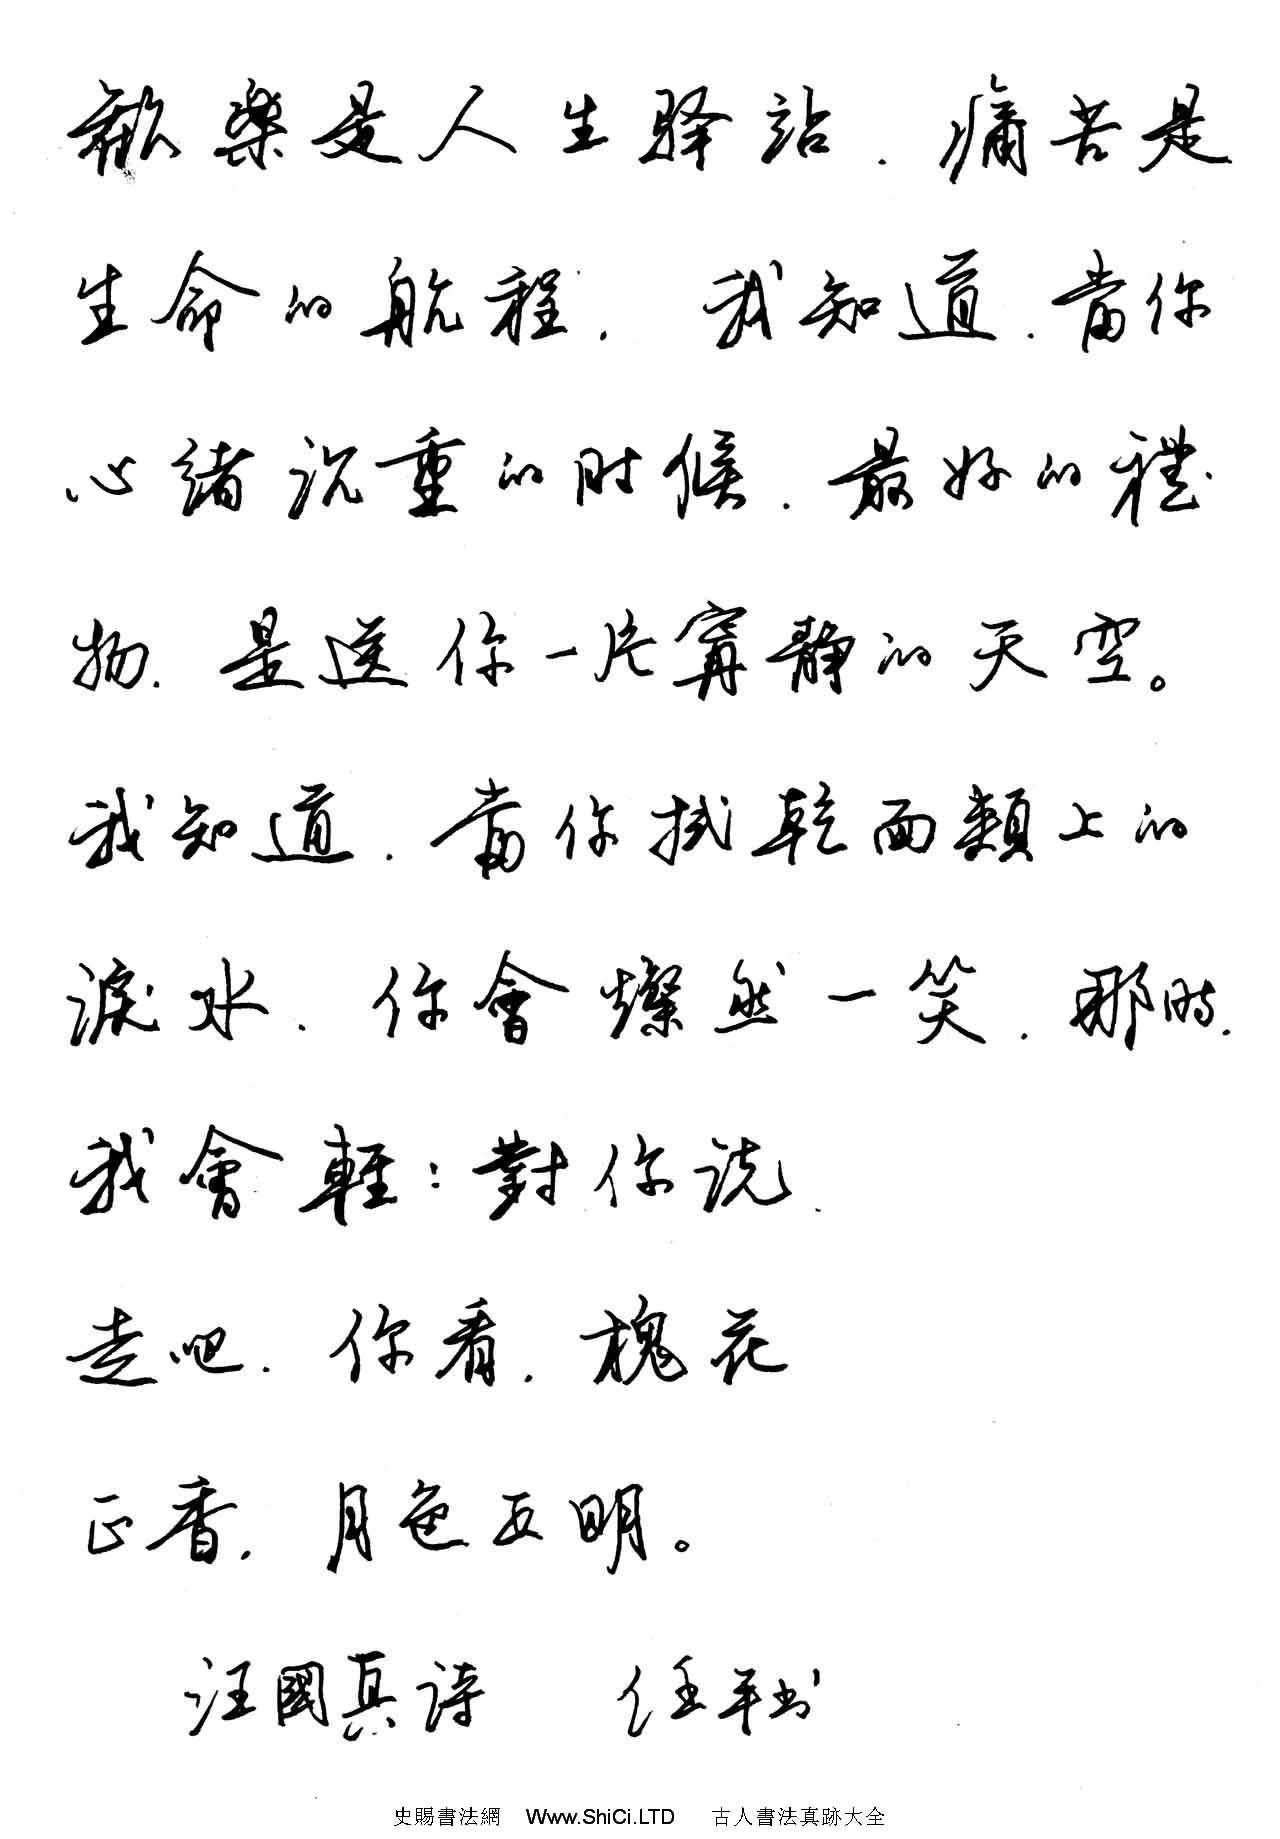 浙江任平硬筆書法真跡欣賞(共7張圖片)